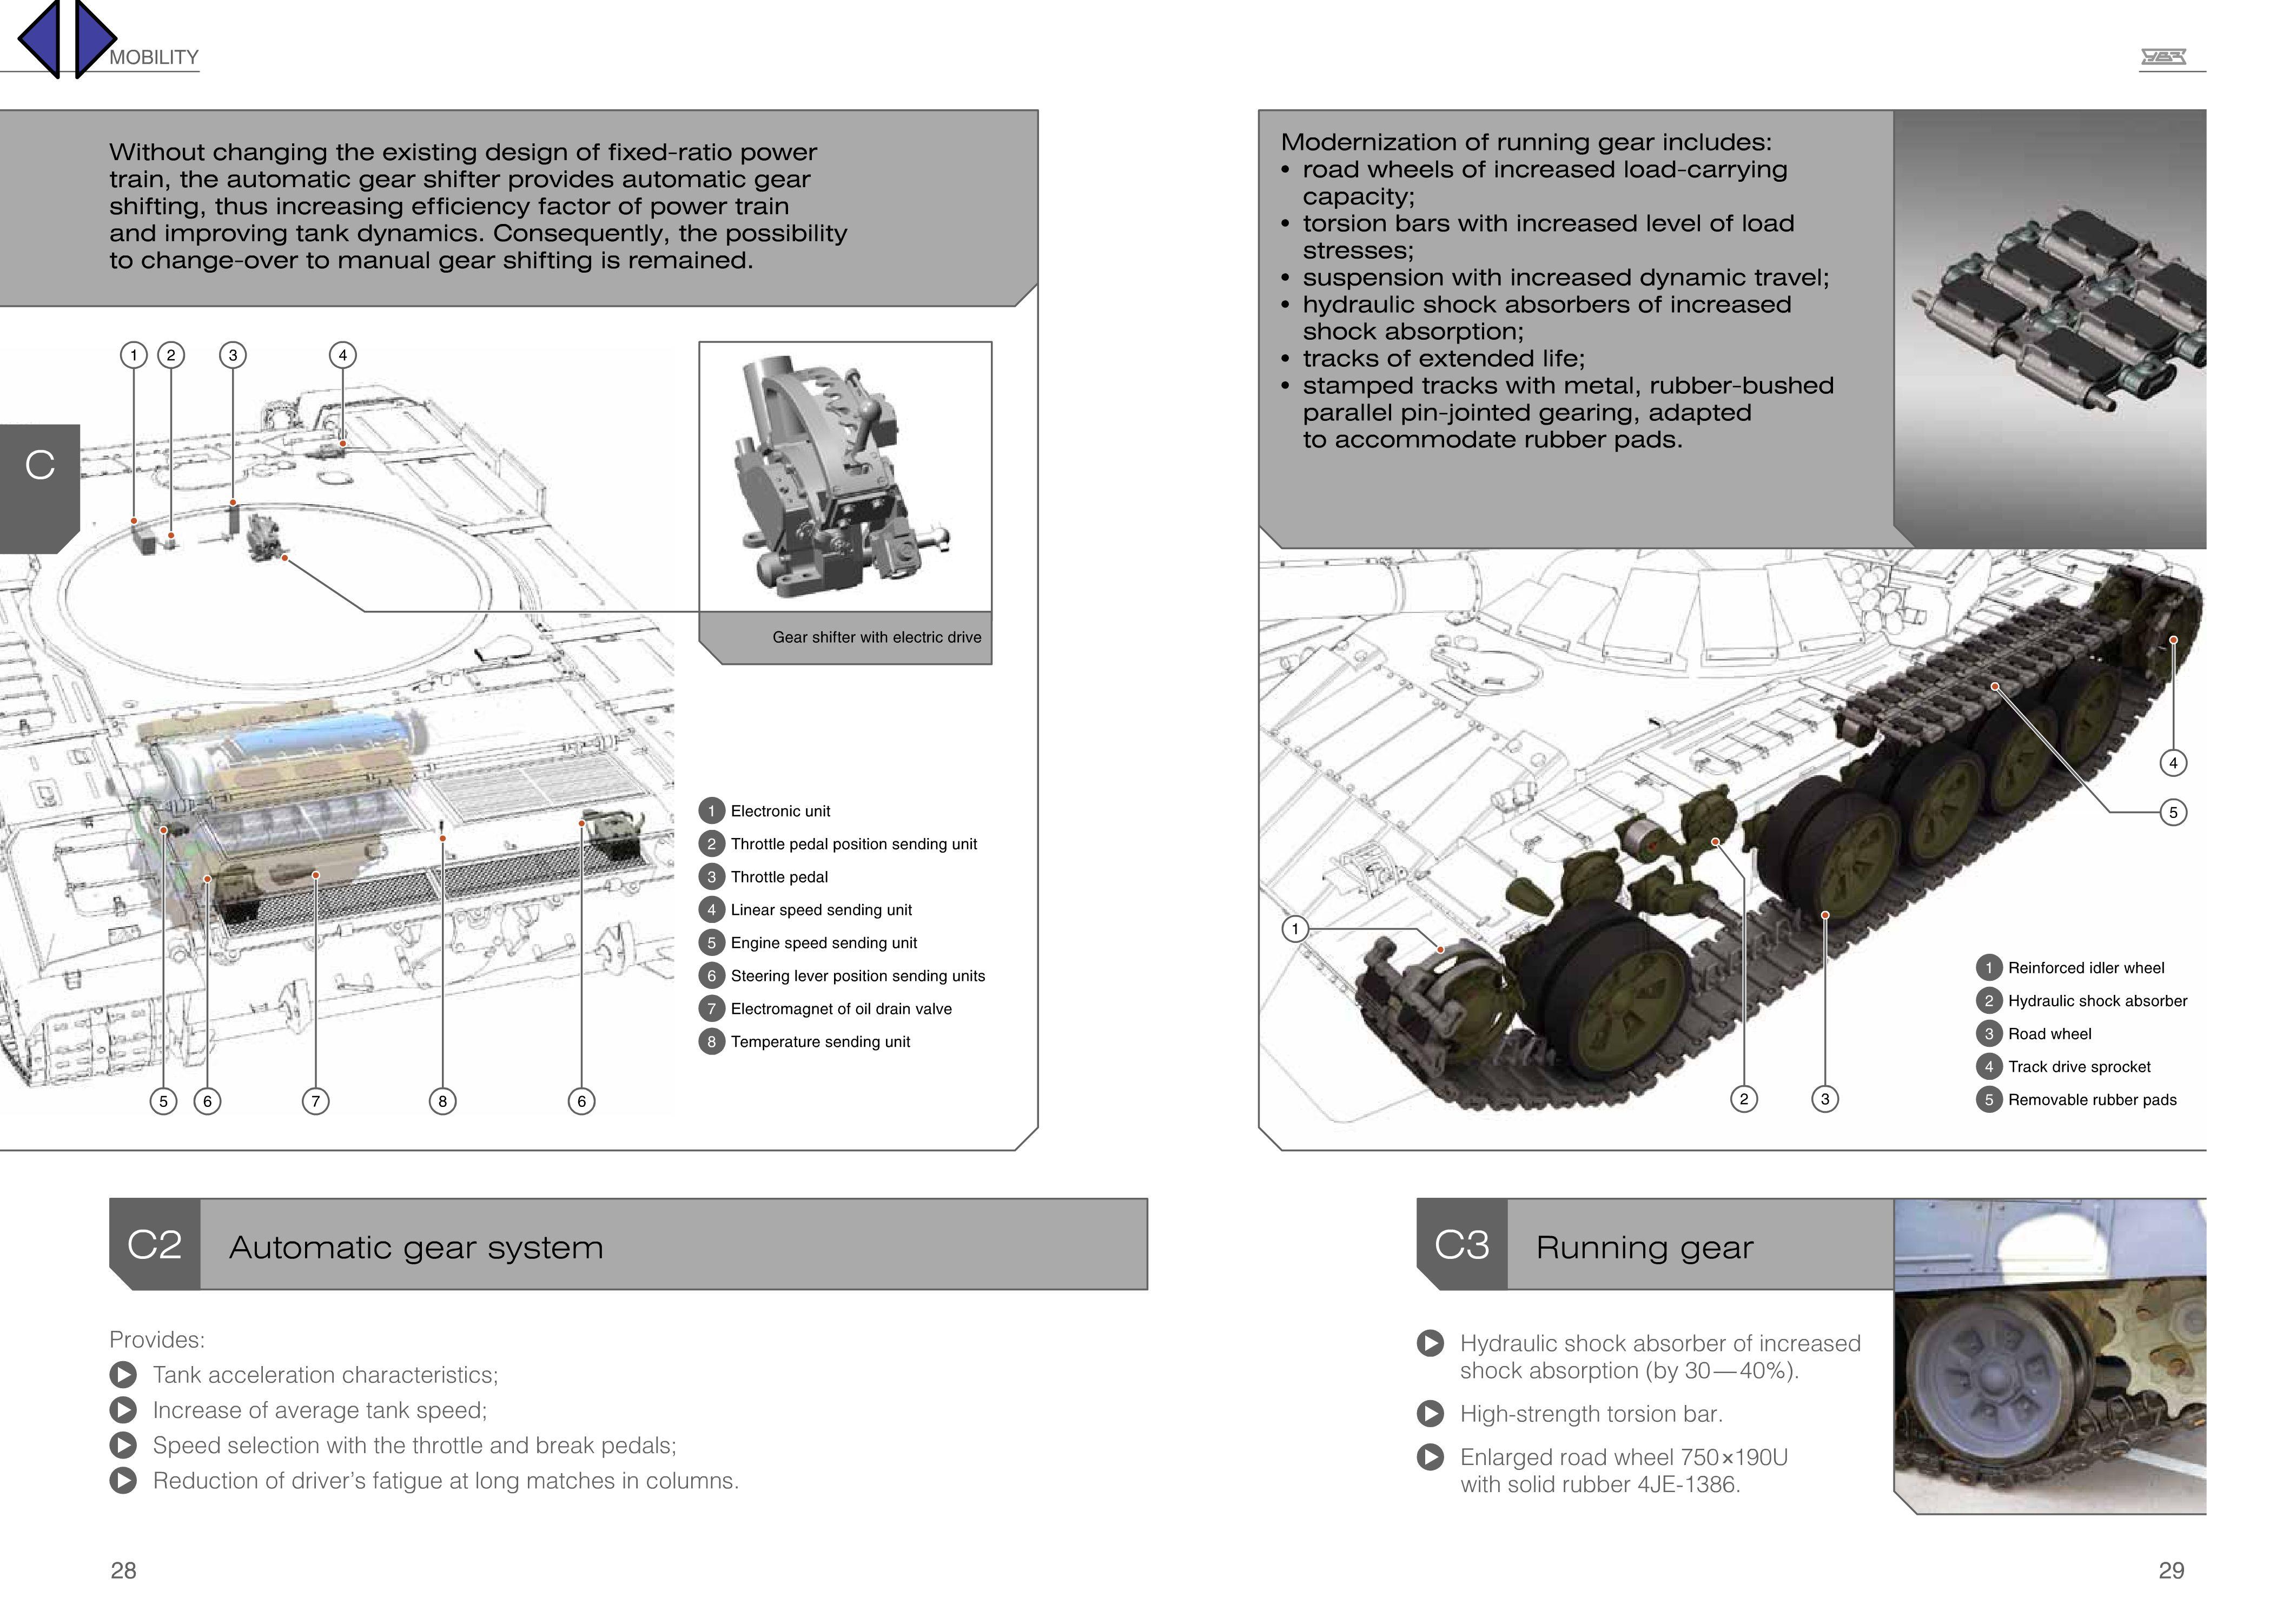 التطوير T-72M1 للجزائر يتفوق على نظيره المقدم للجيش الروسي  3937858813